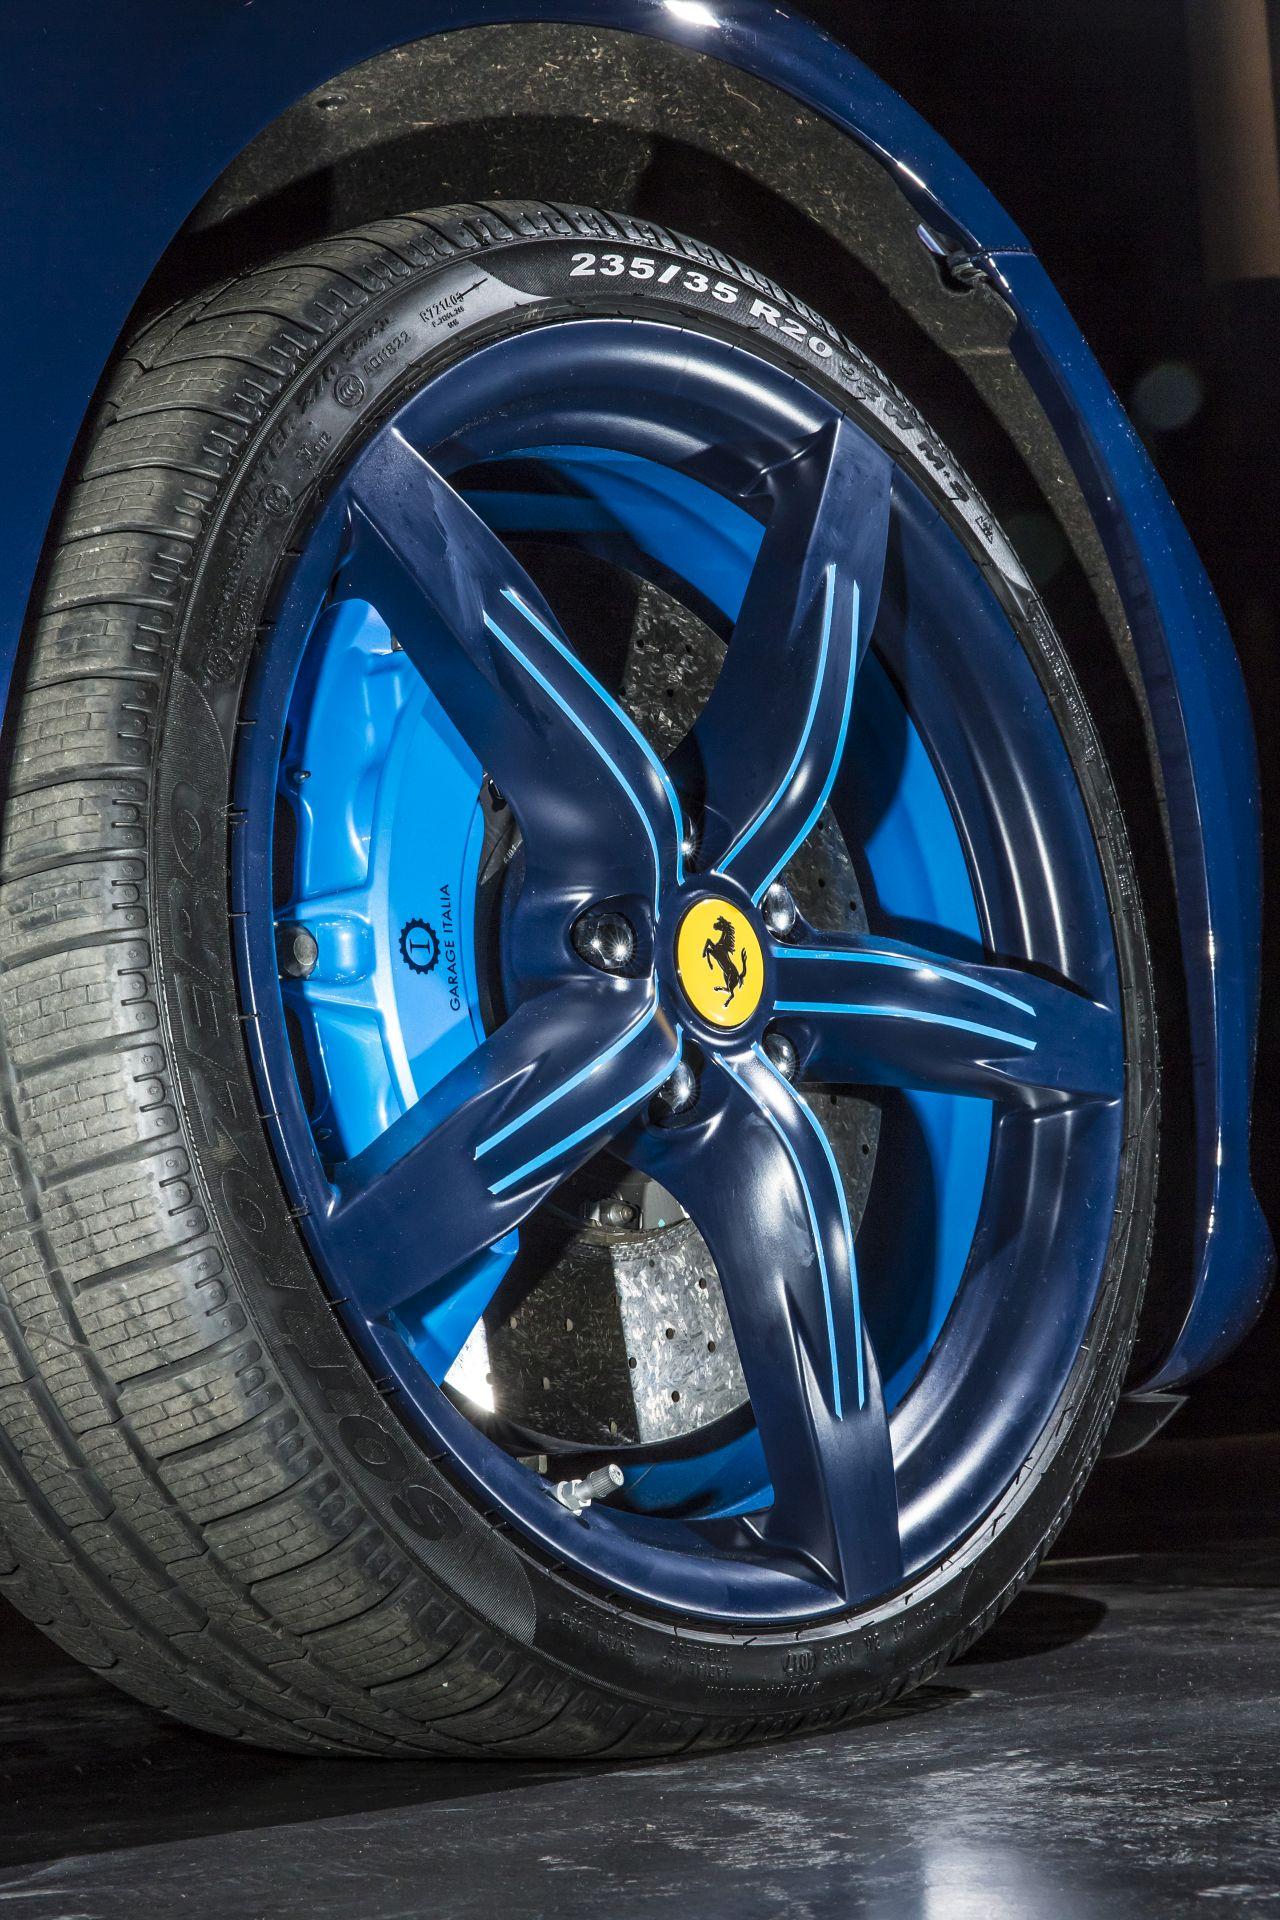 Ferrari GTC4Lusso Azzurra (8)